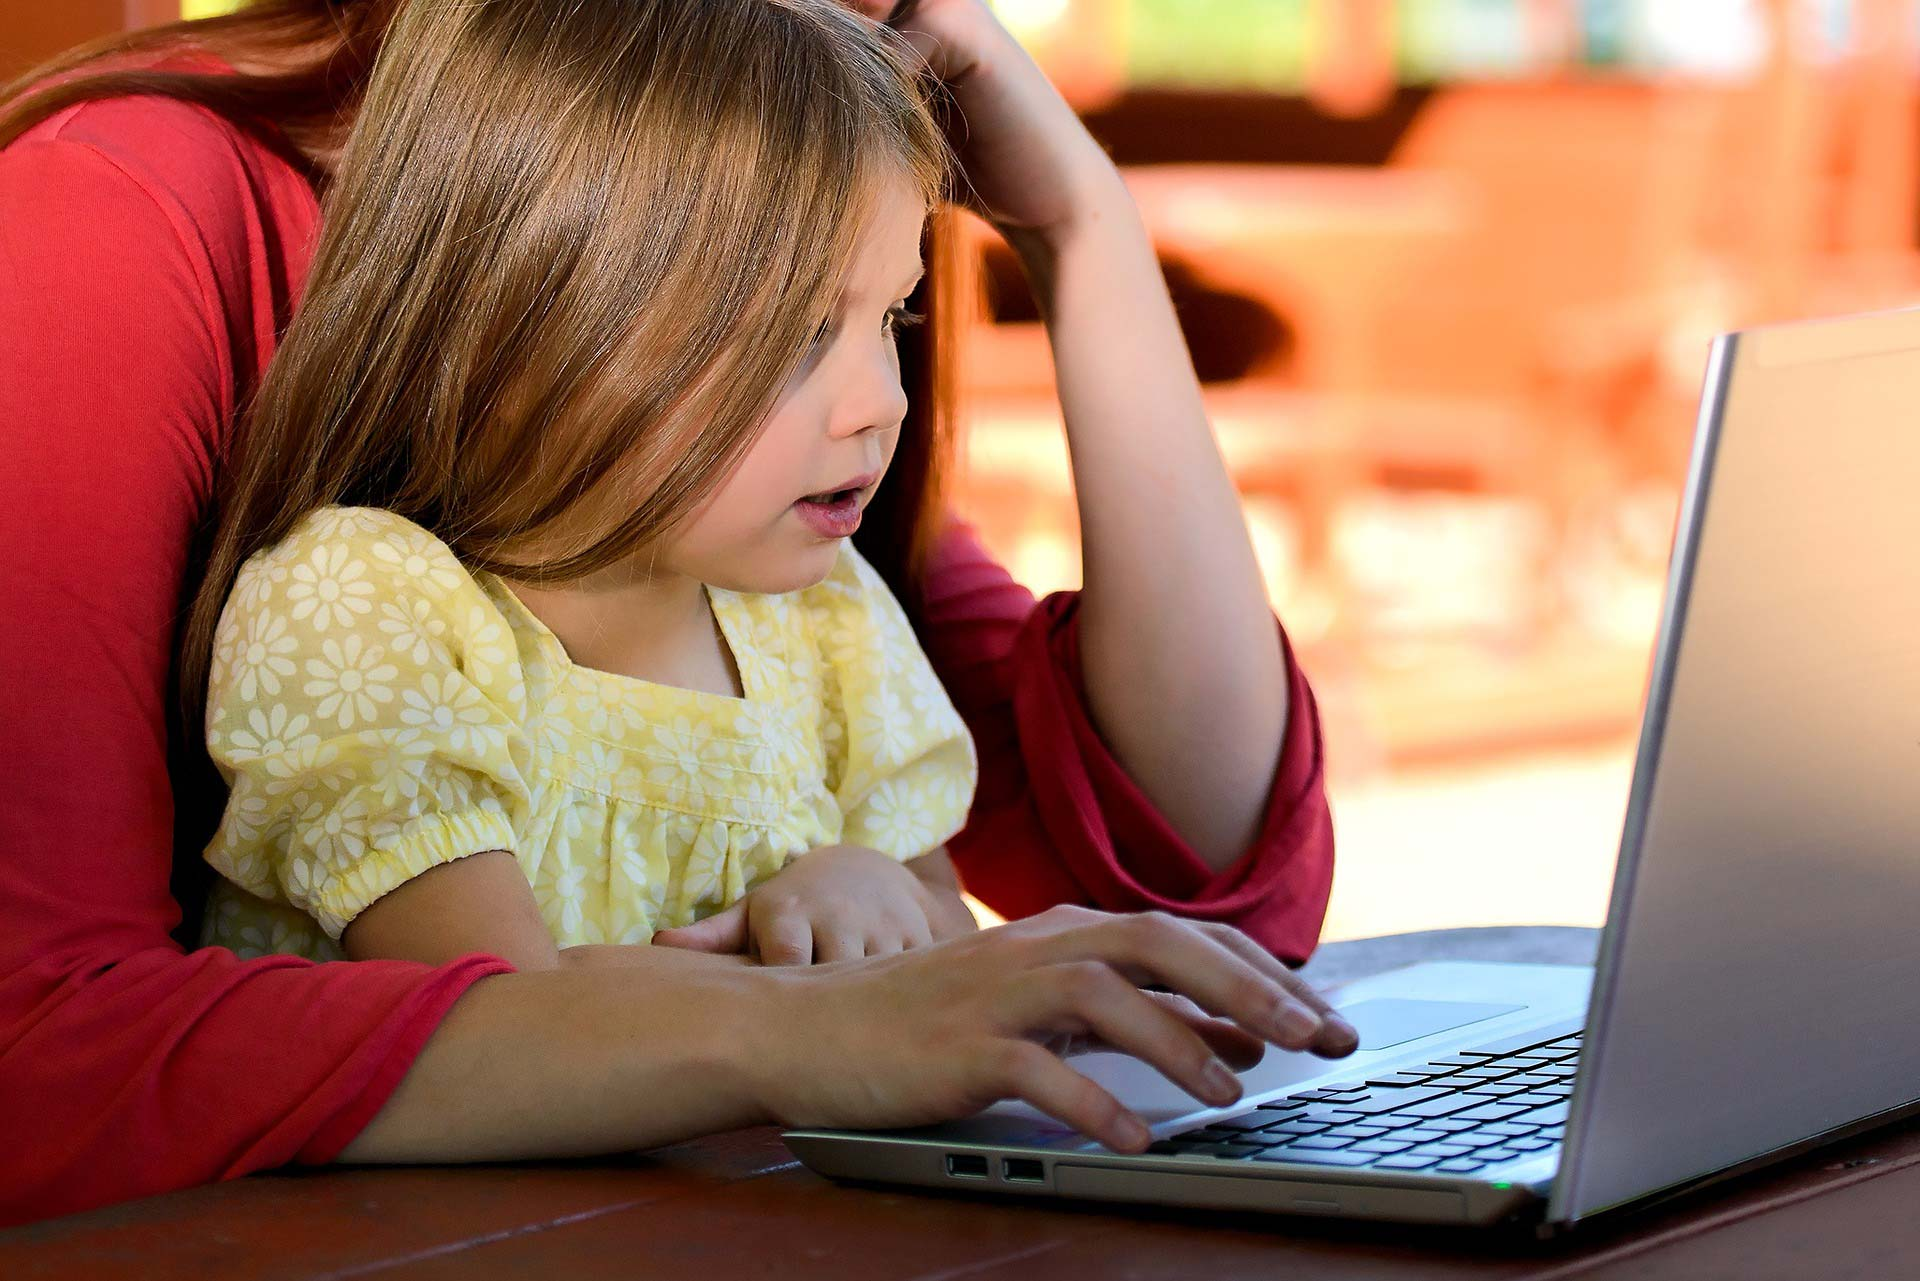 Weboldal minősítés gyerekoldalakra